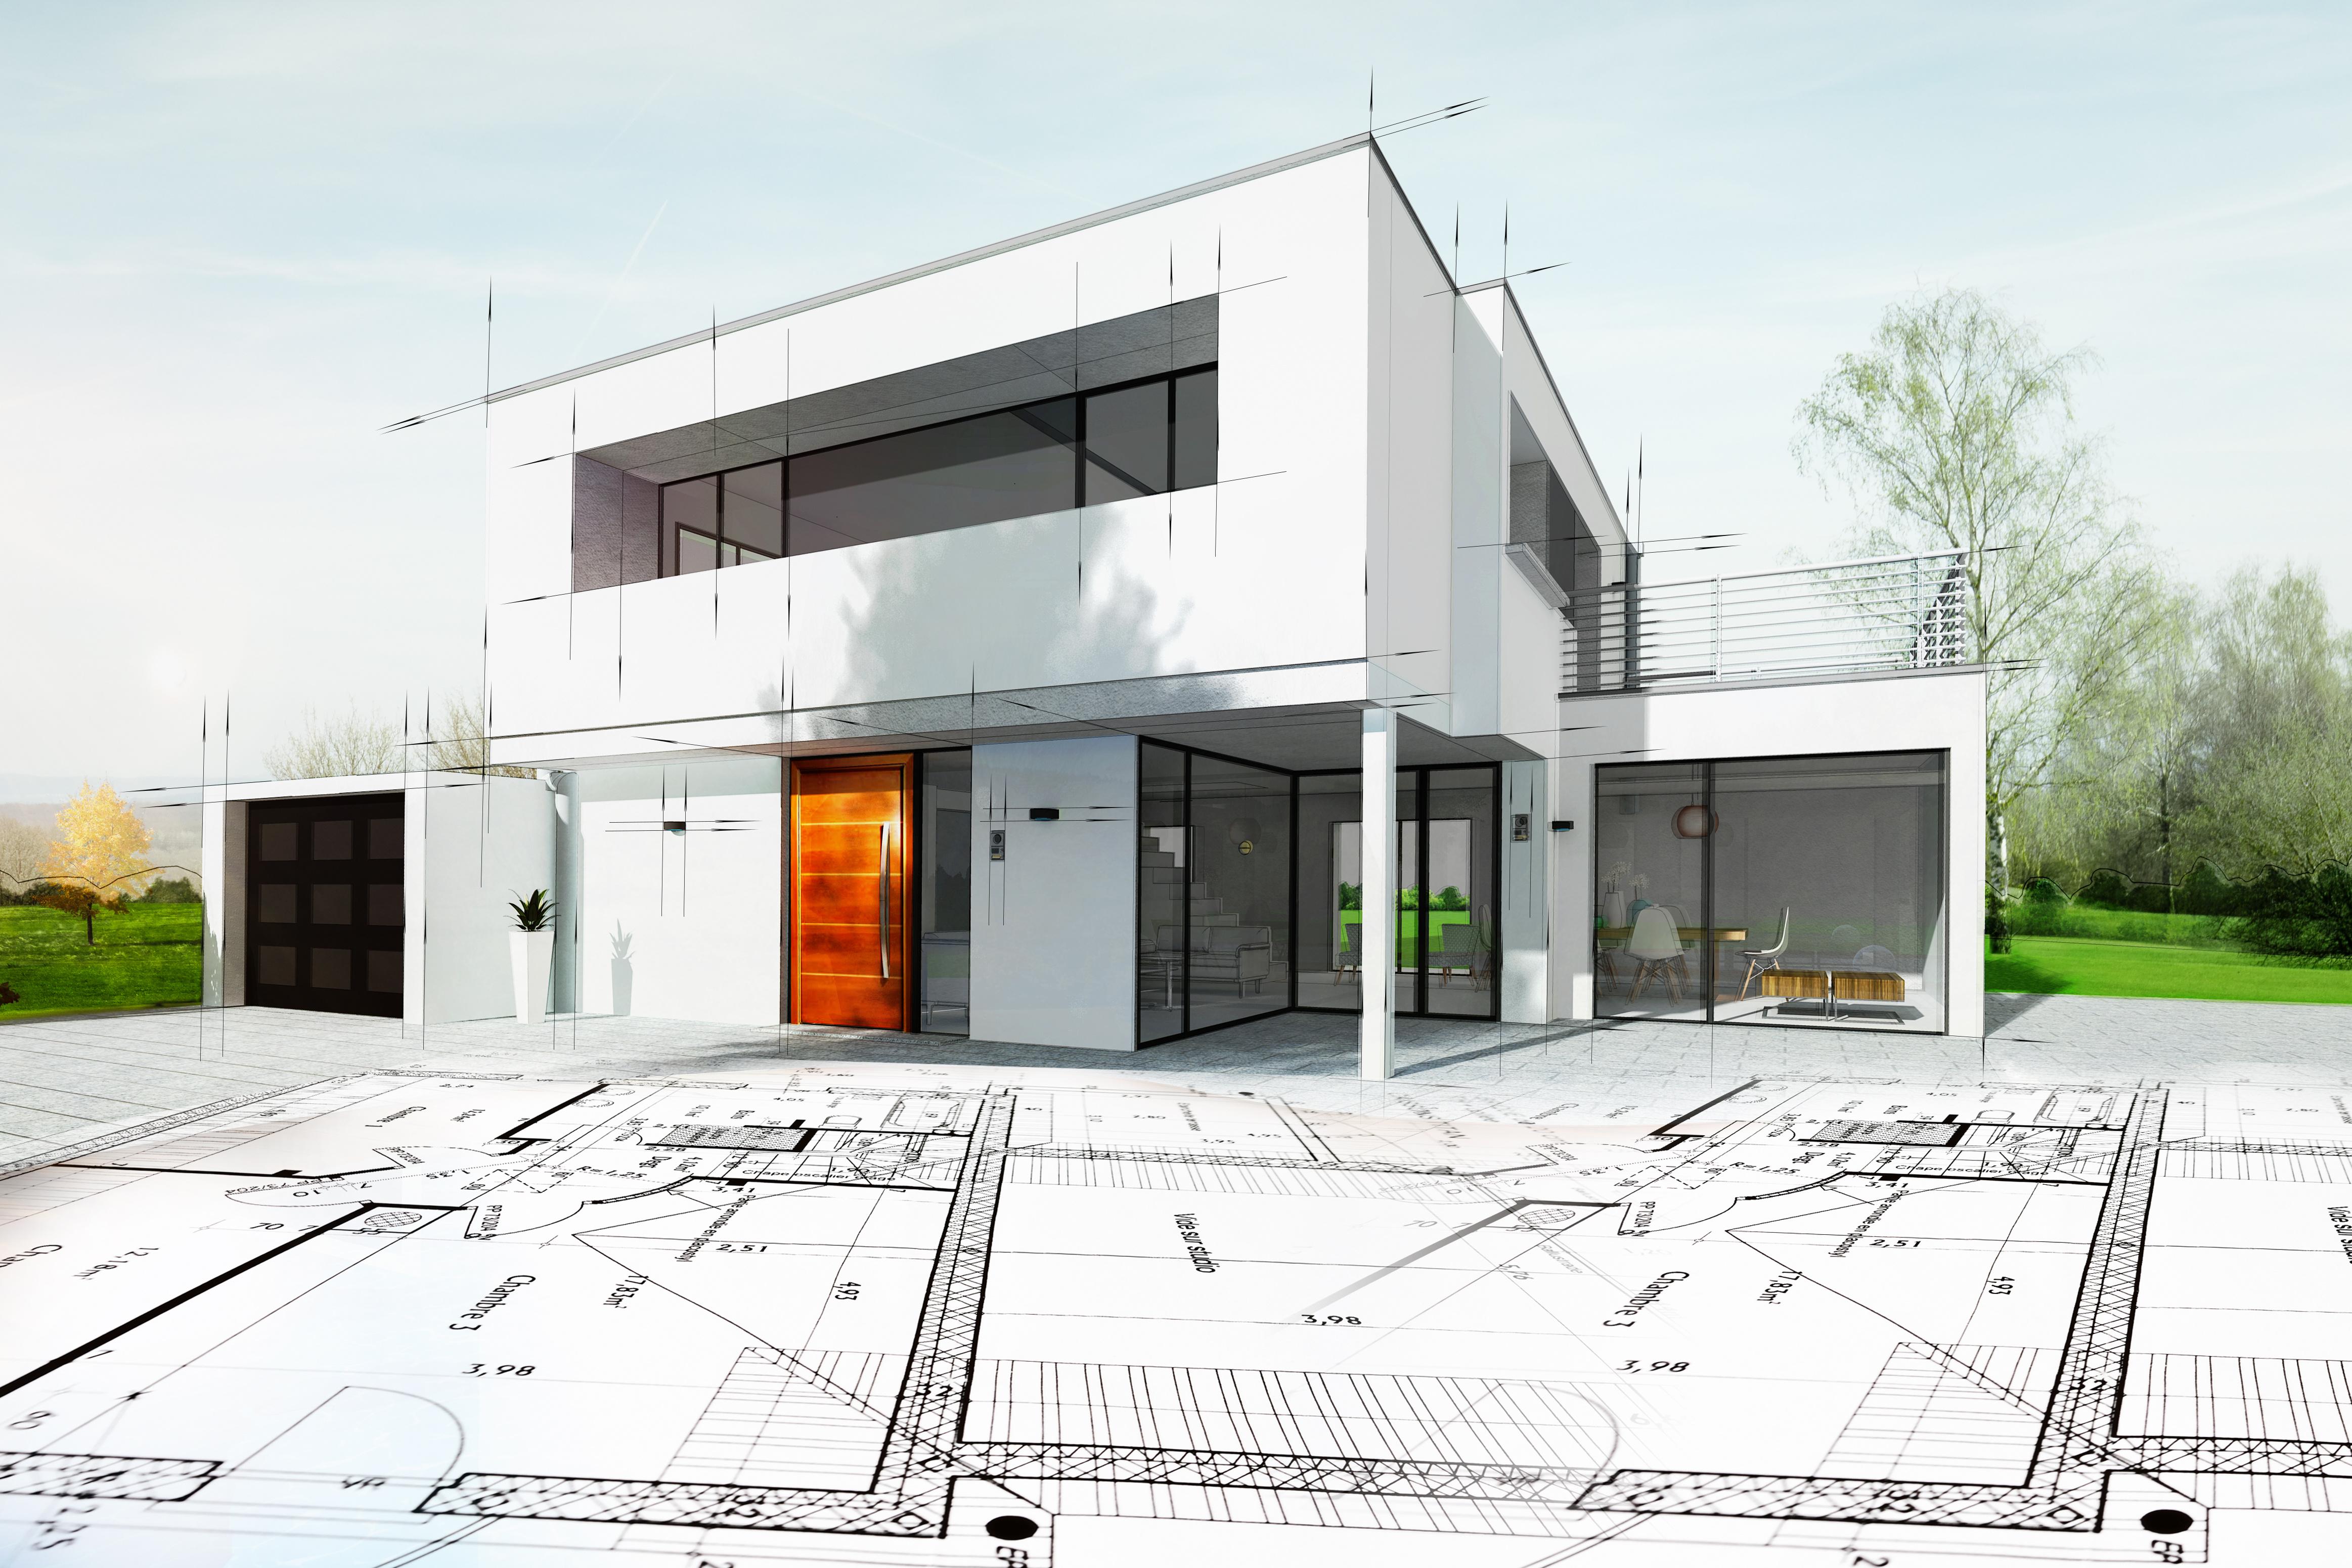 Dessin d'une maison d'architecte avec plan